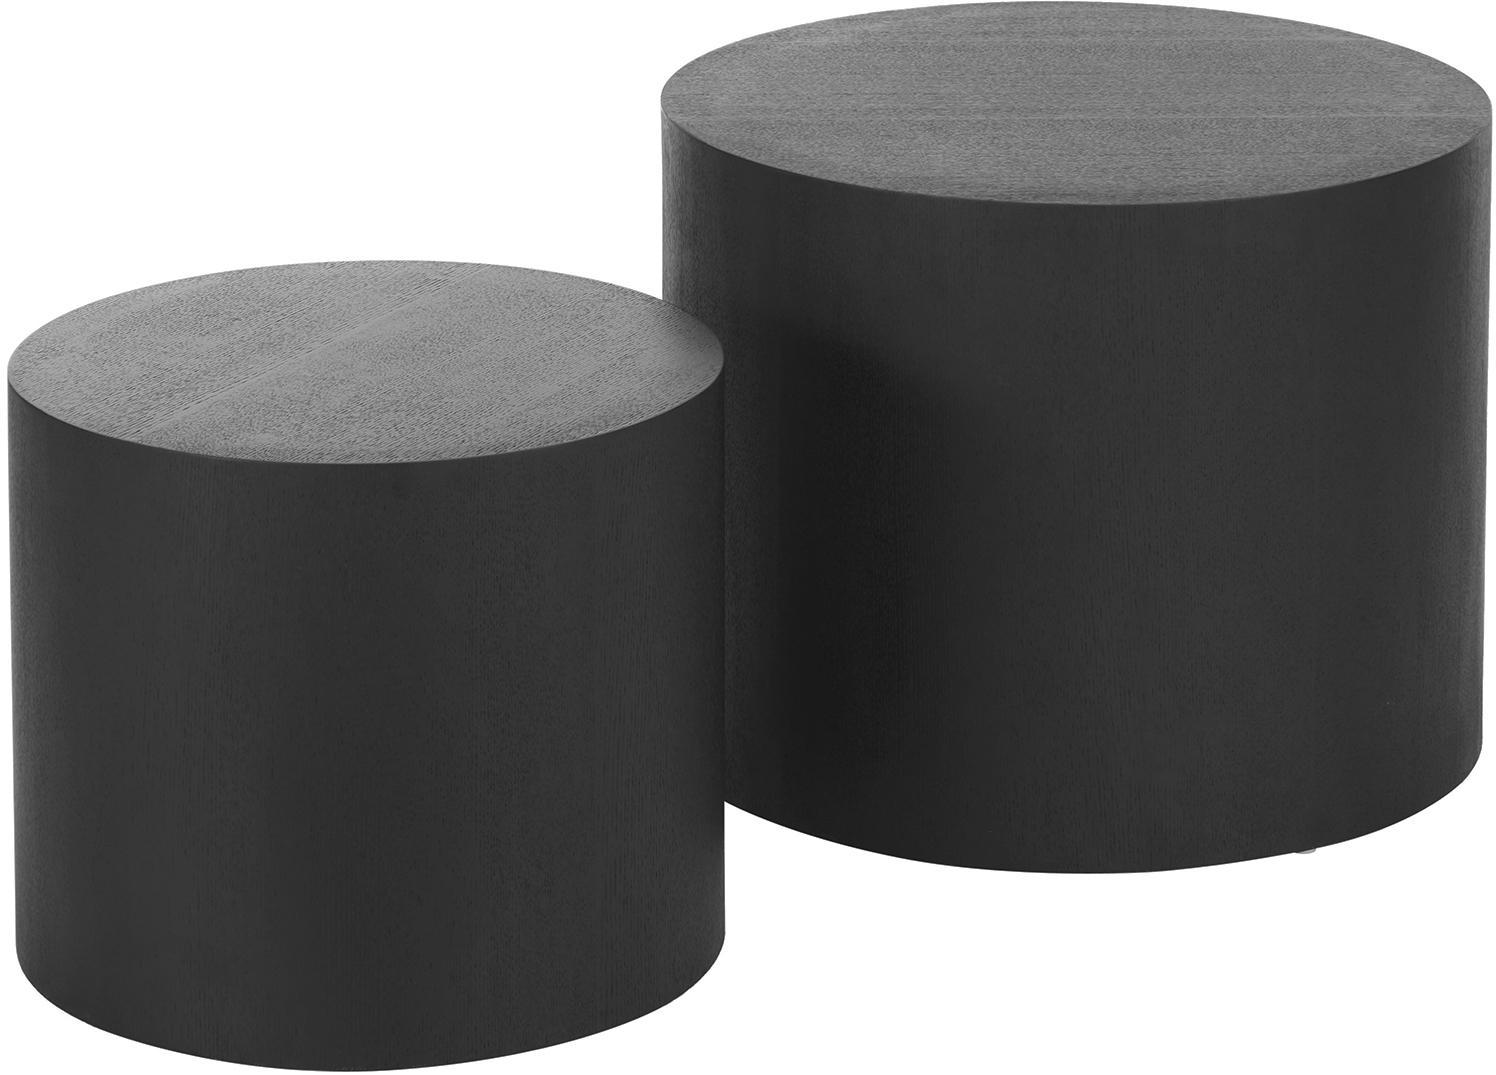 Tisch-Set Dan aus Holz, Mitteldichte Holzfaserplatte (MDF) mit Eschenholzfurnier, Eschenholzfurnier, schwarz lackiert, Set mit verschiedenen Größen